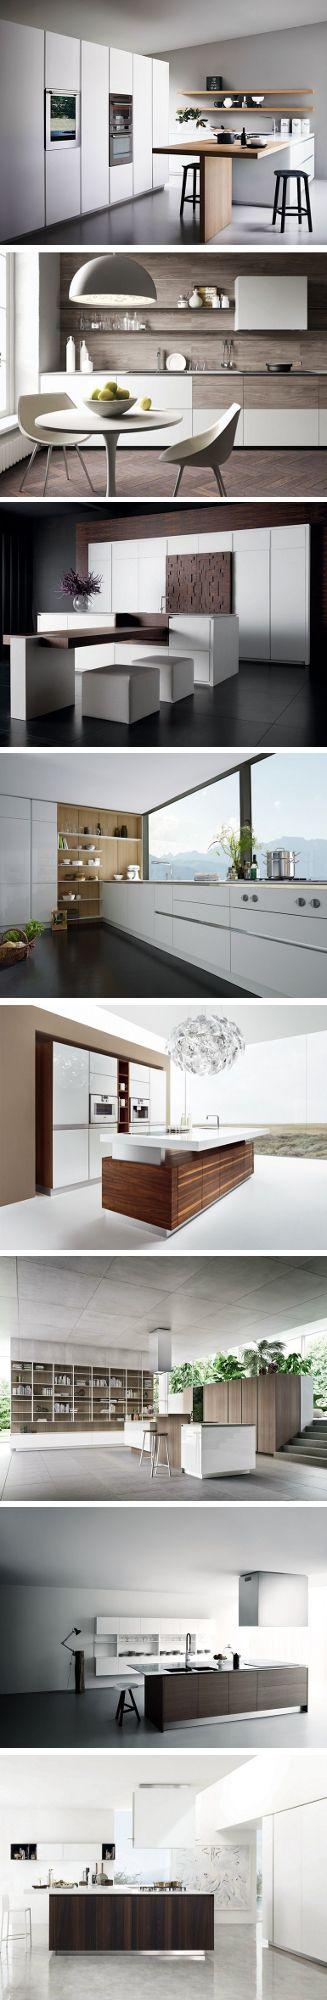 545 best kitchen images on Pinterest | Kitchen ideas, Modern kitchen ...